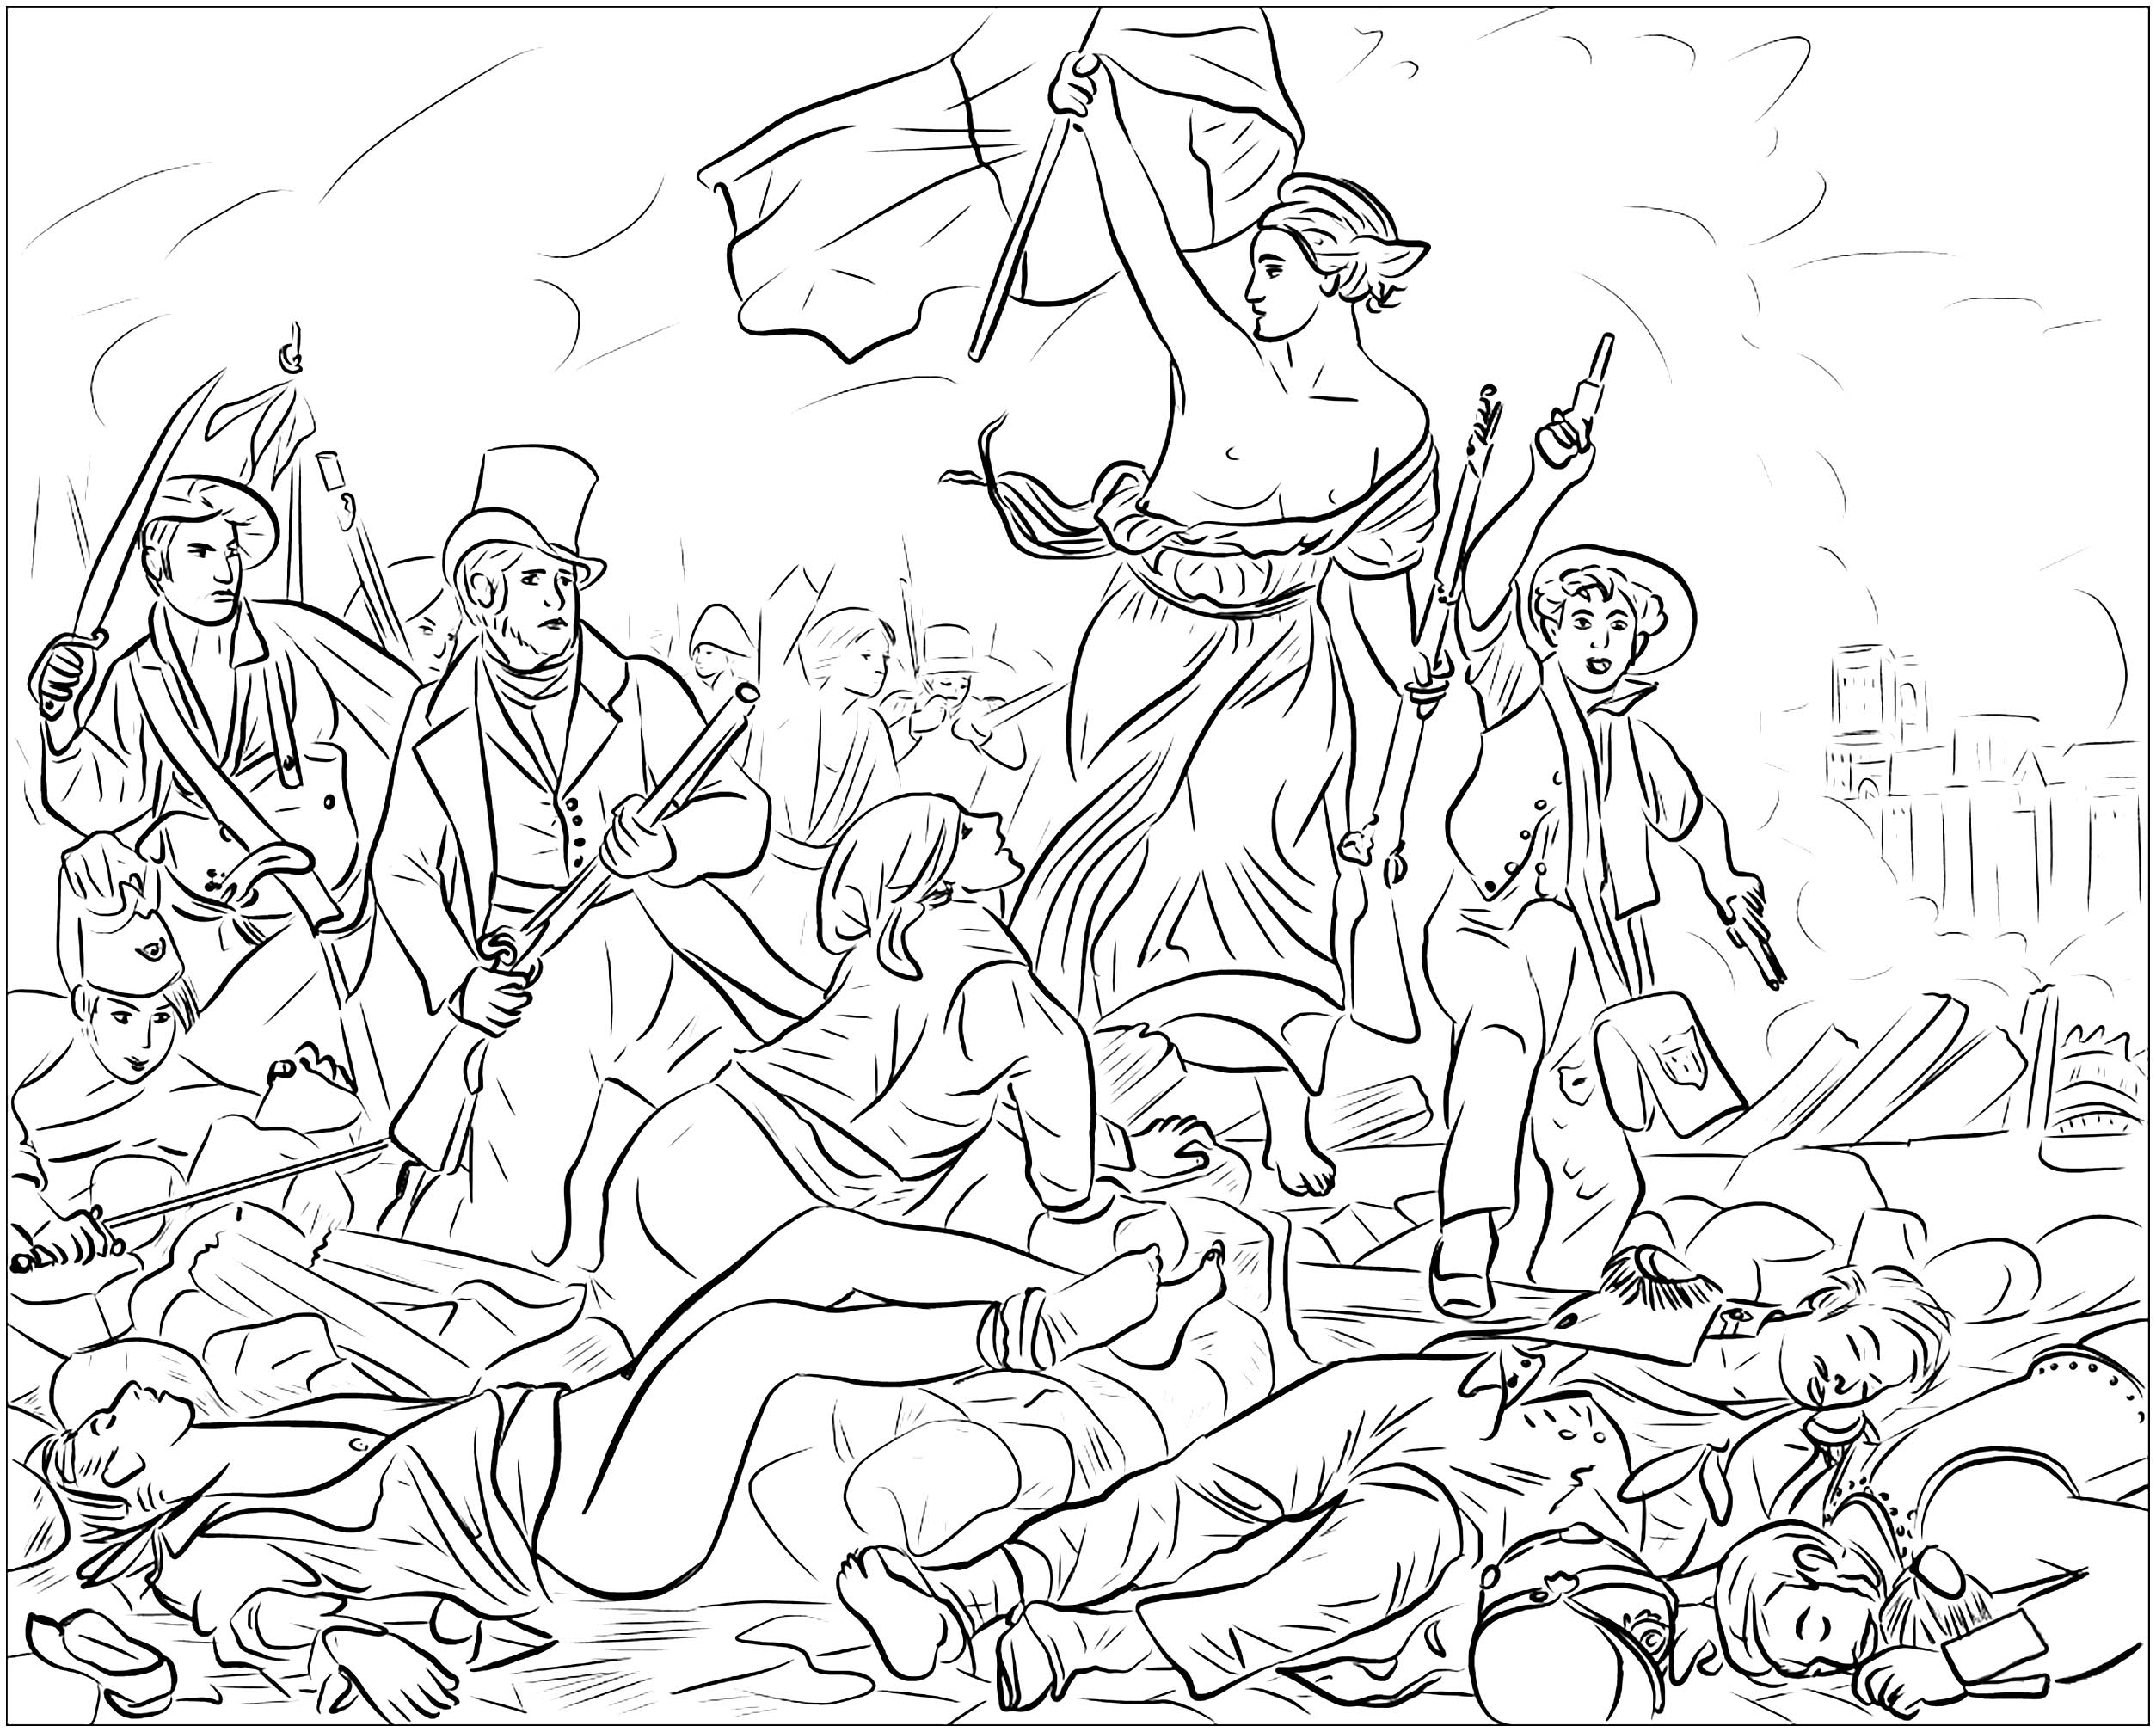 Coloriage réalisé à partir du célèbre tableau commémorant la révolution de juillet 1830 d'Eugène Delacroix : La liberté guidant le peuple